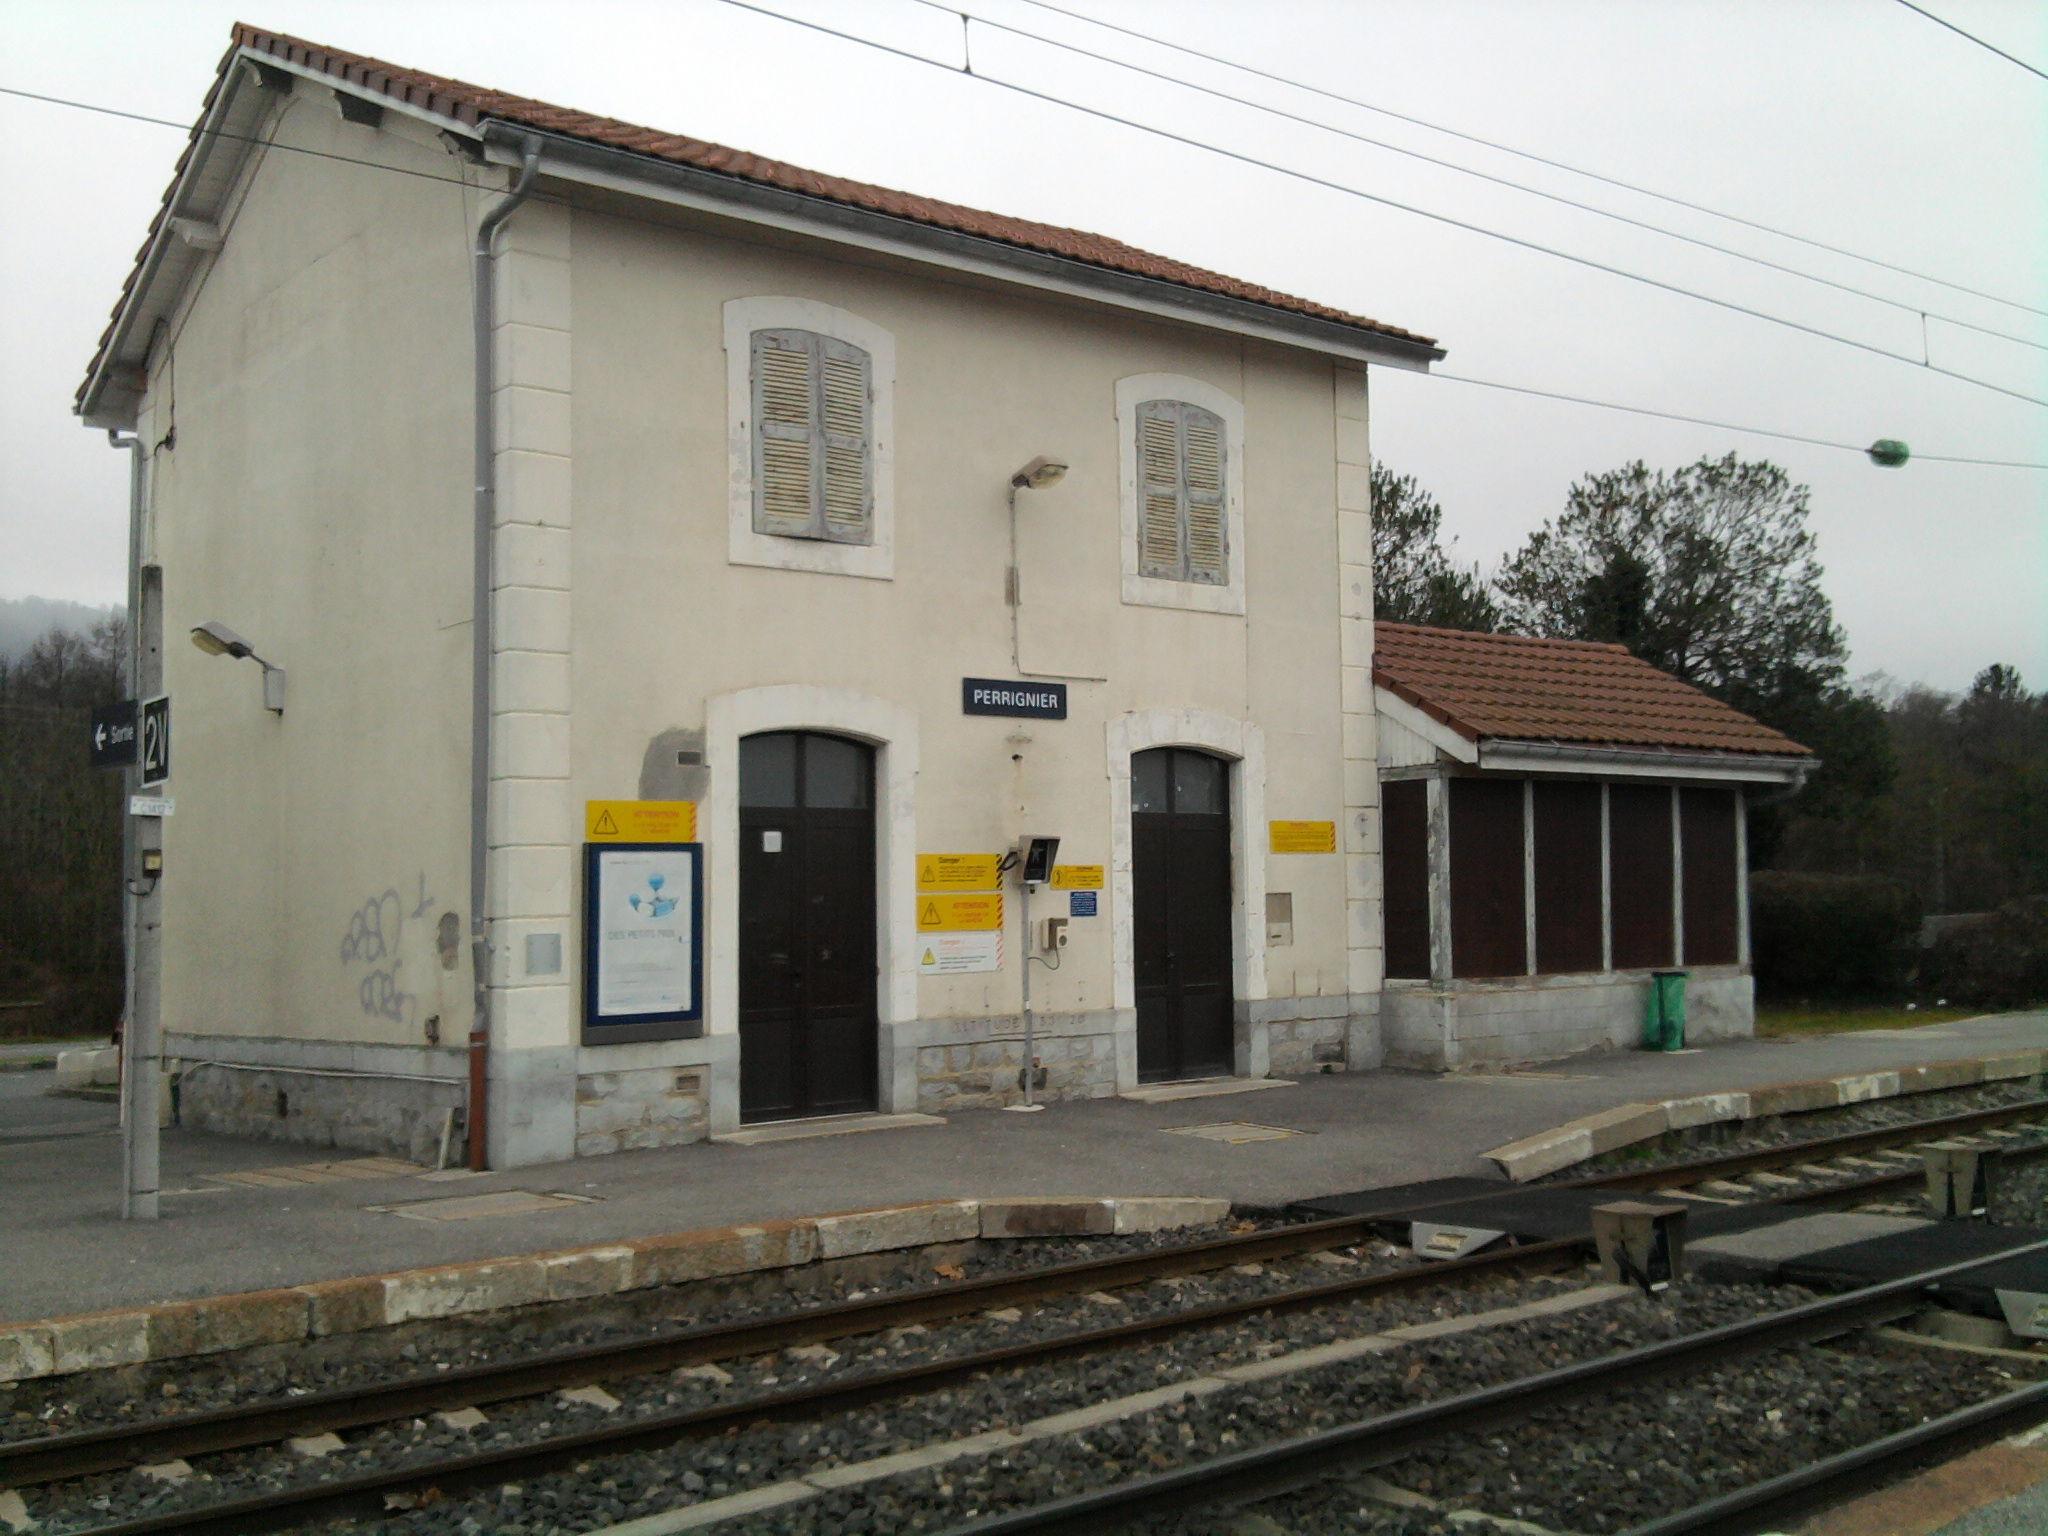 Perrignier (Haute-Savoie)